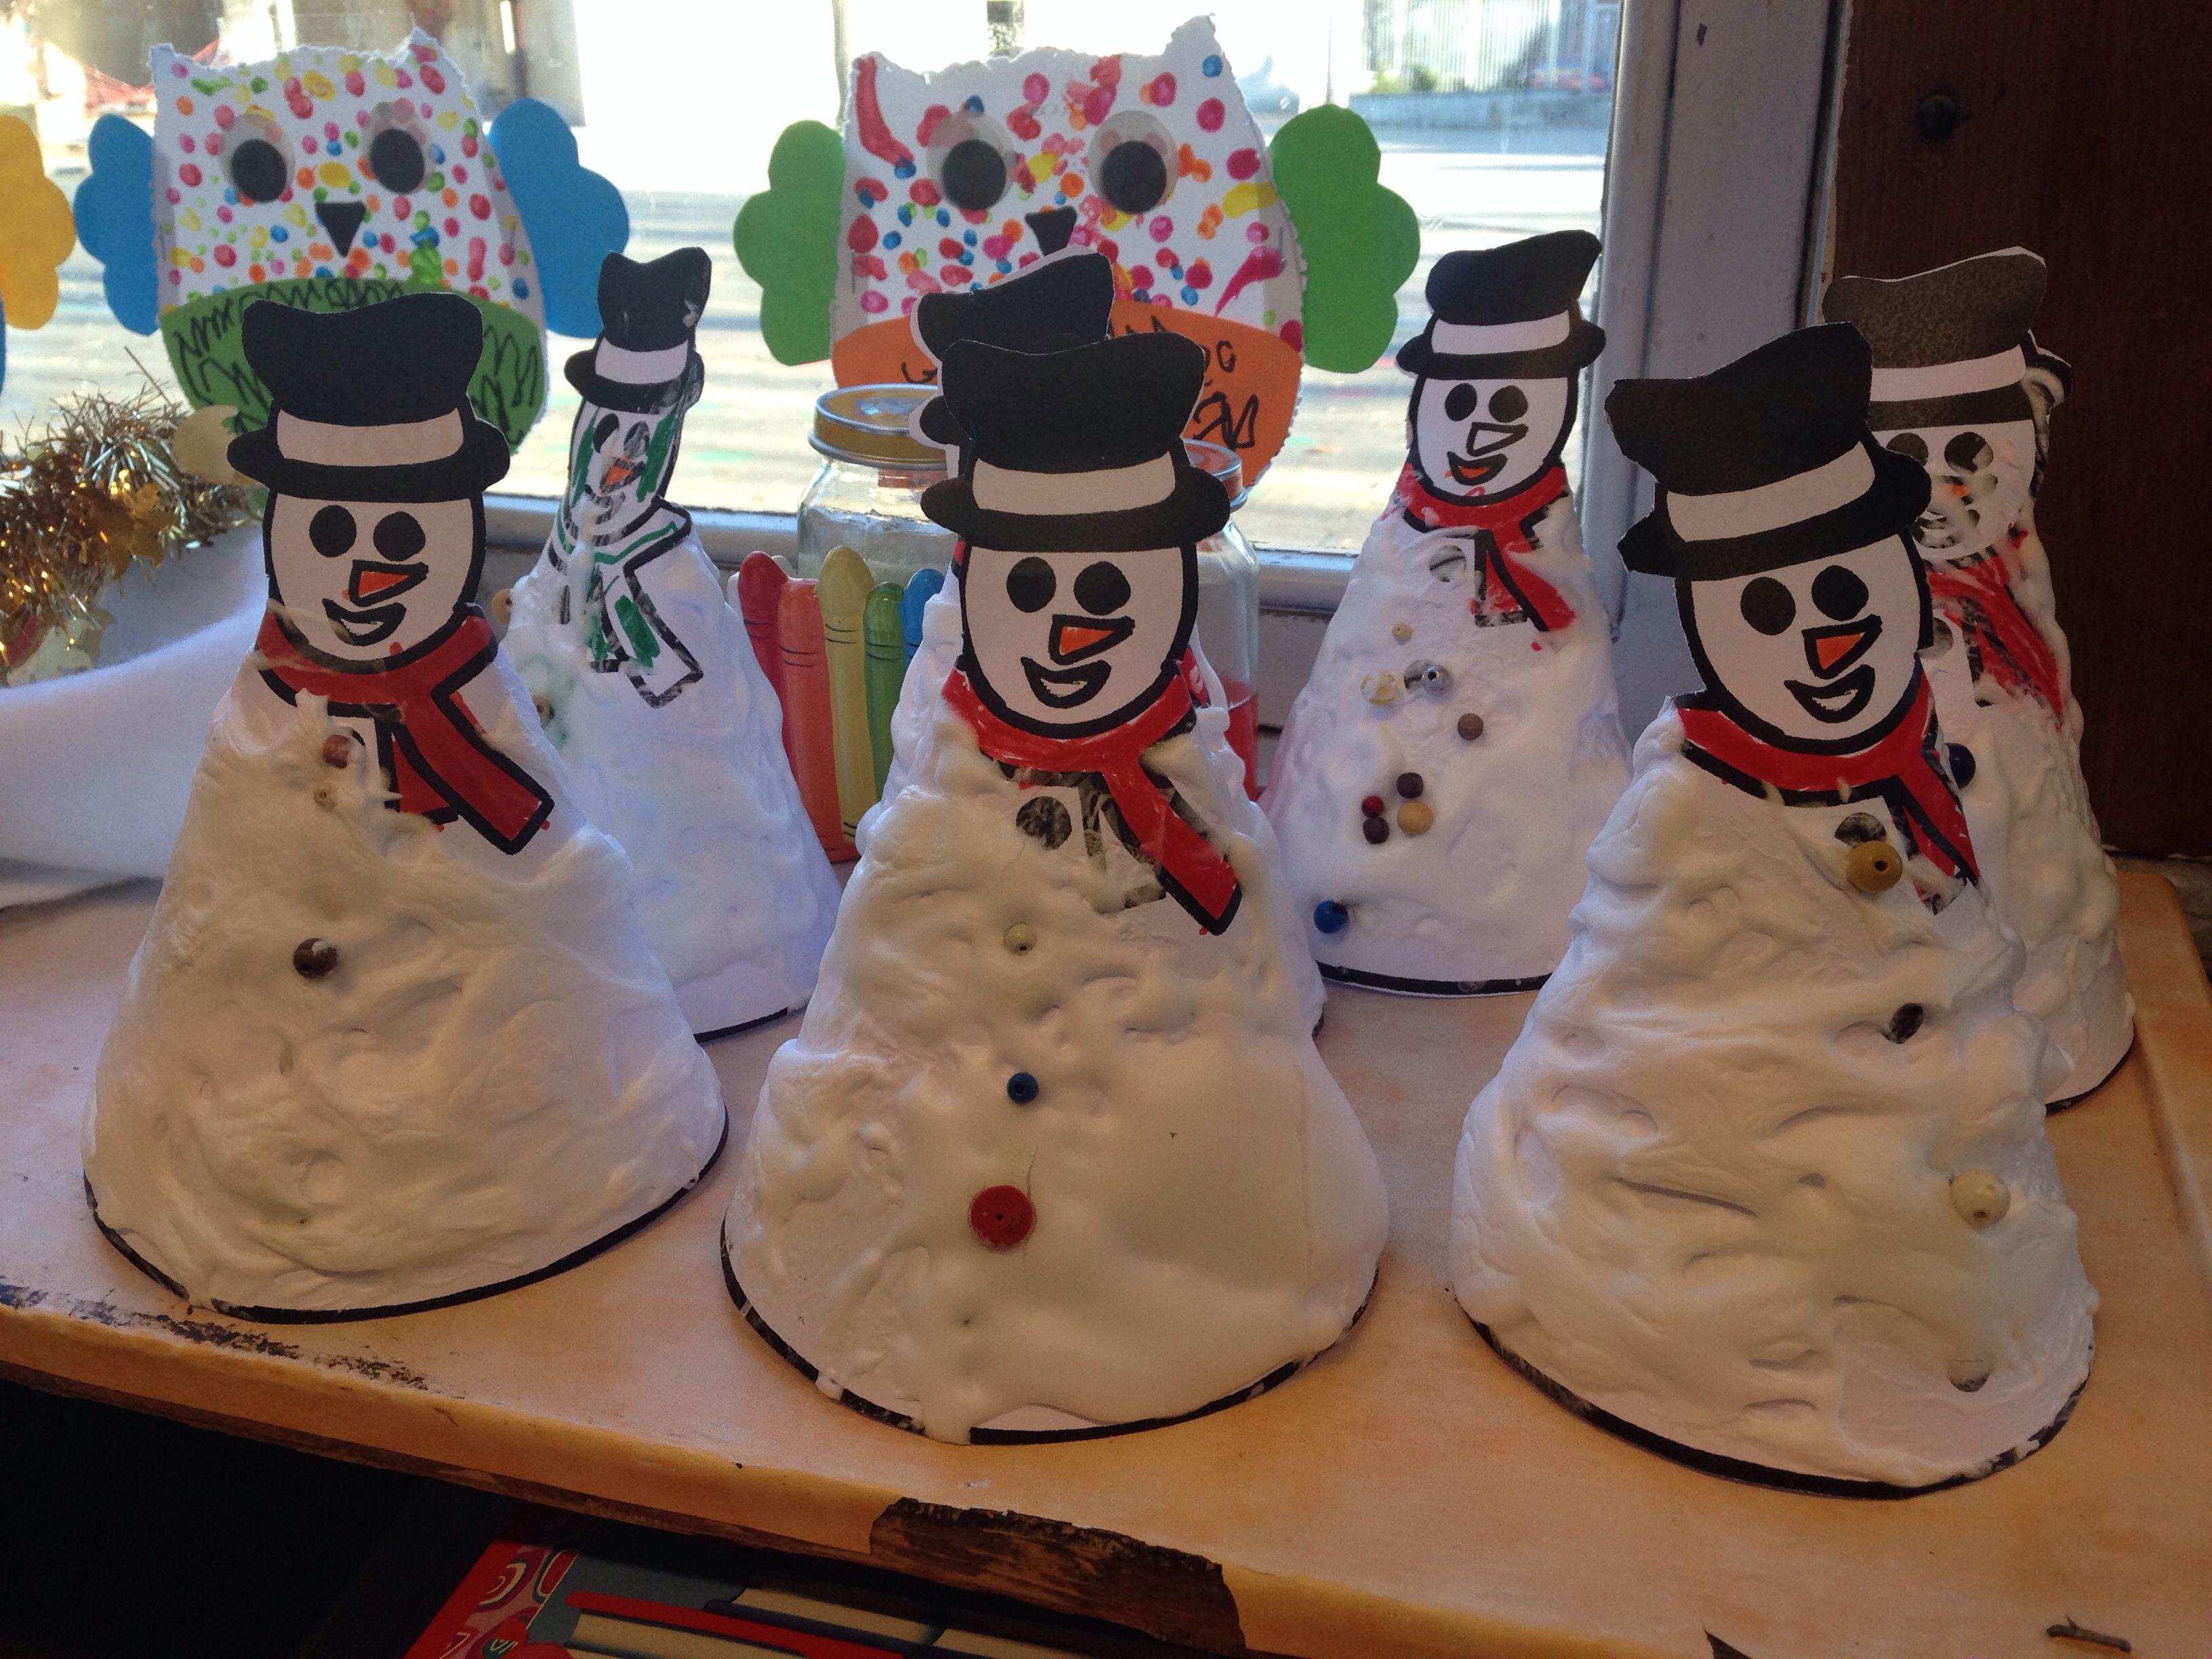 bonhomme de neige avec m lange de mousse raser et colle blanche effet neige assur. Black Bedroom Furniture Sets. Home Design Ideas